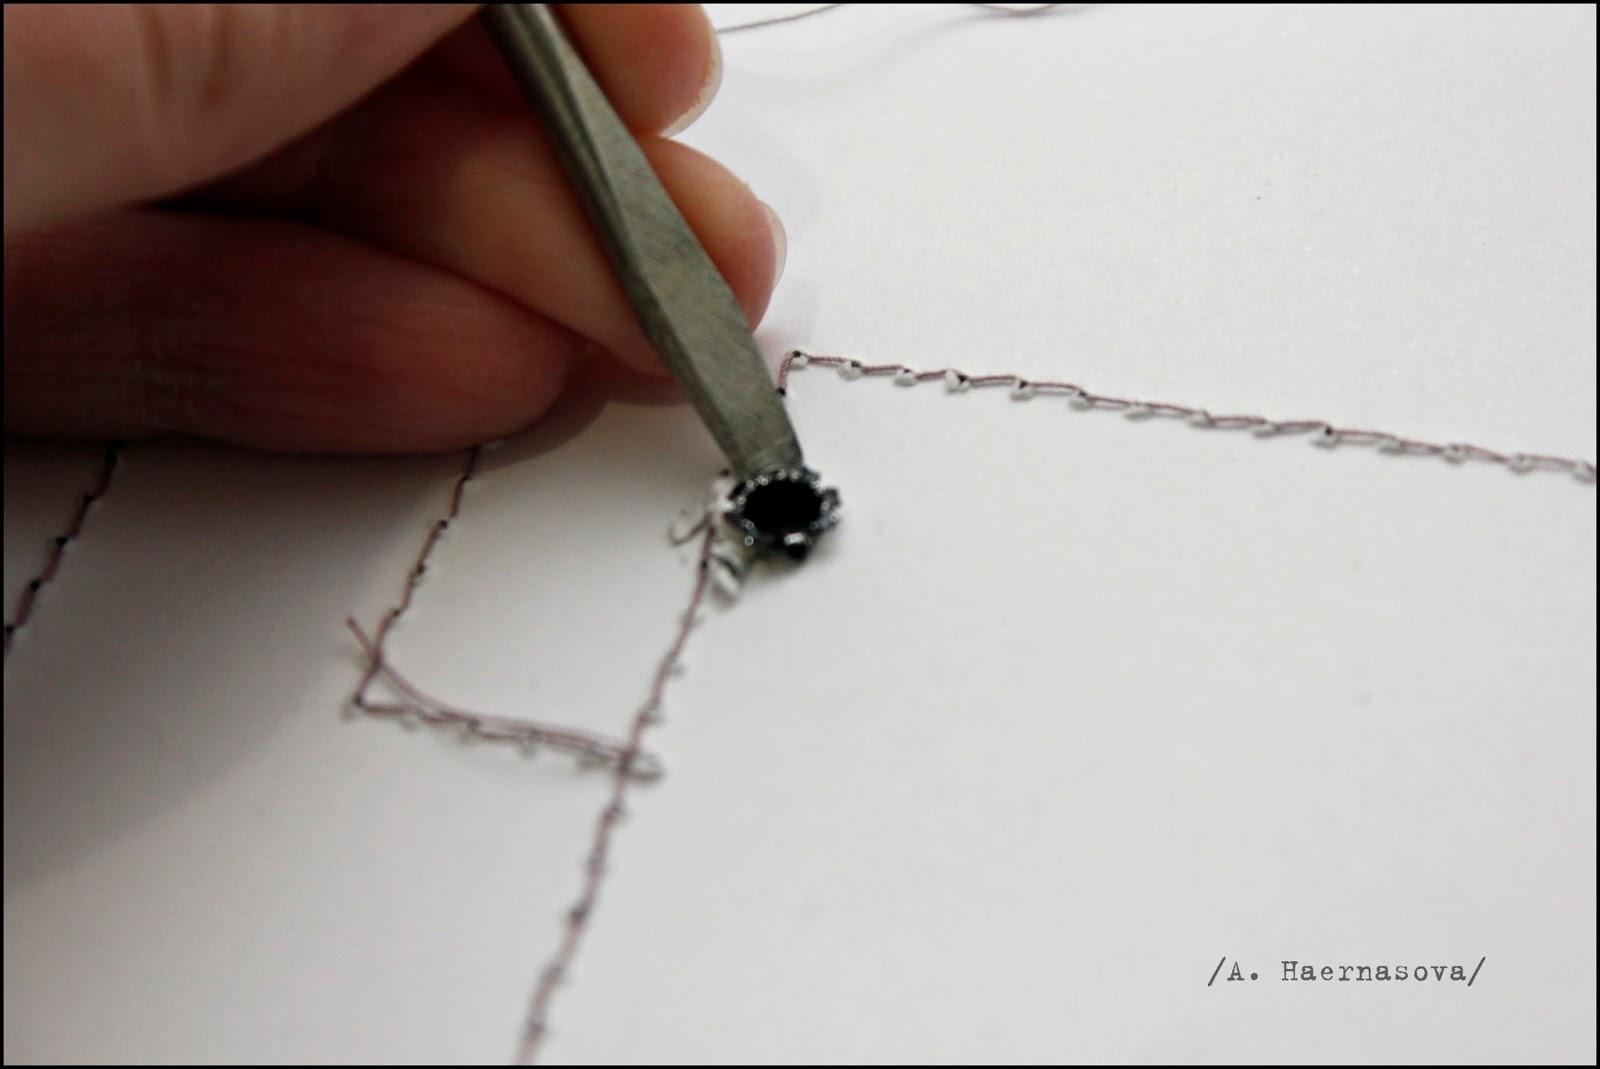 Как сделать дырки как у дырокола без дырокола